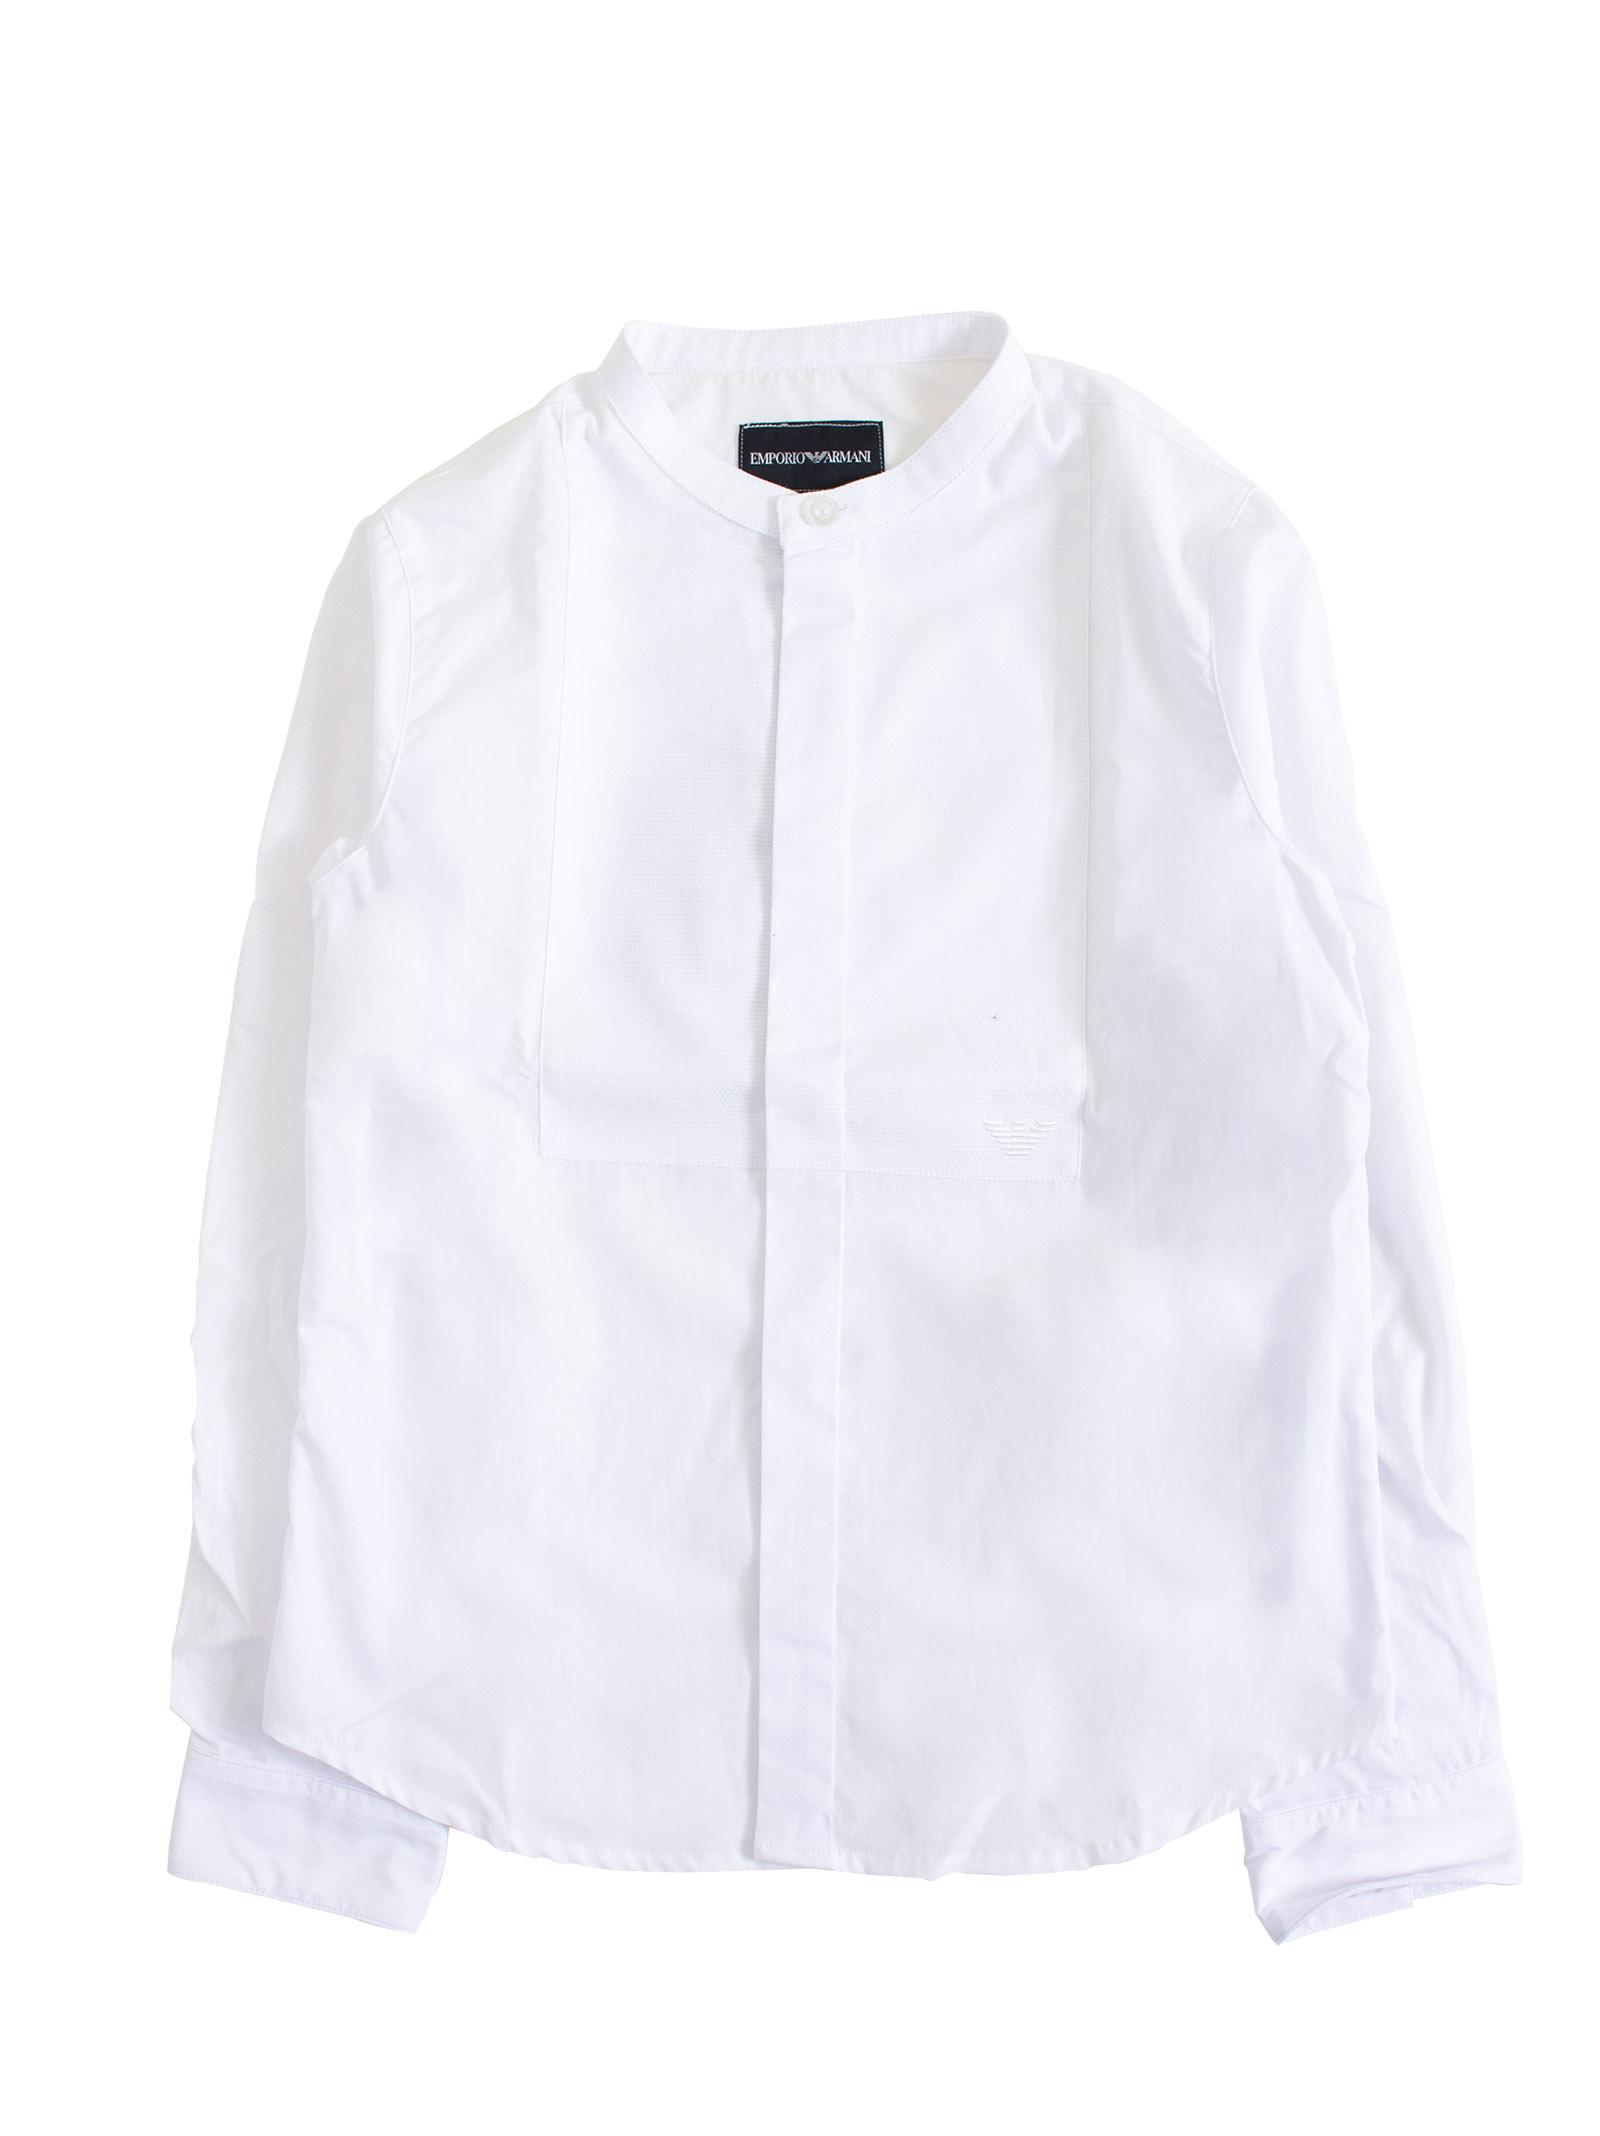 promo code 778af d0f55 Camicia bambino collo coreana